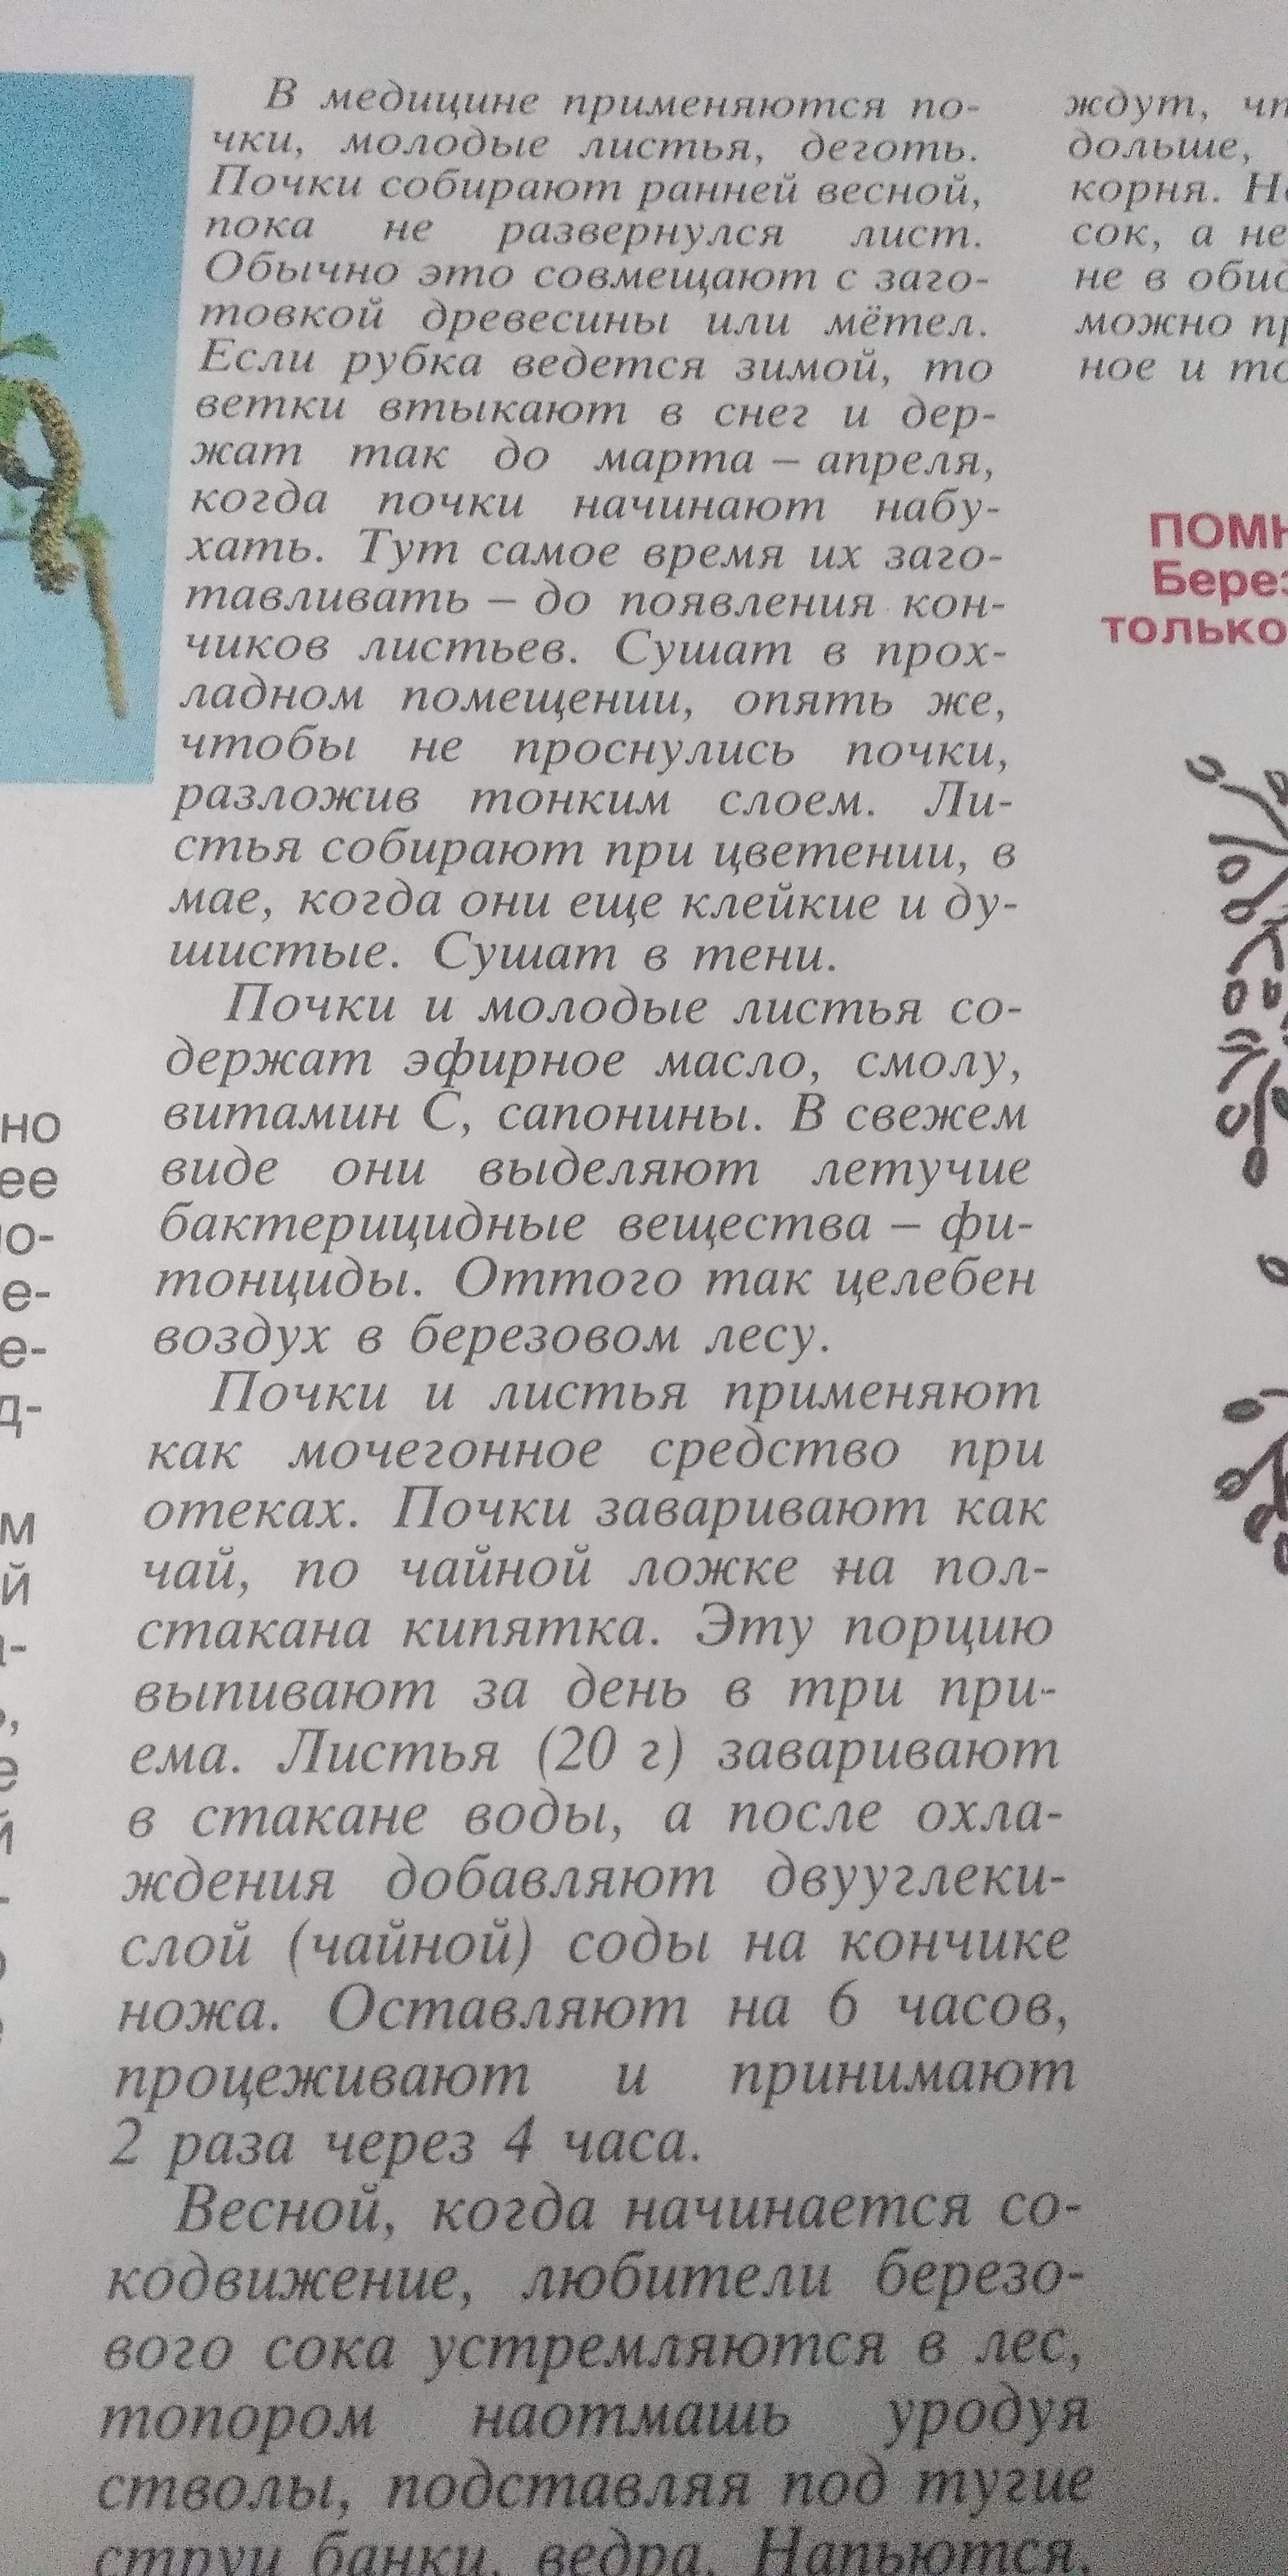 Берёзовые почки купить СПб.